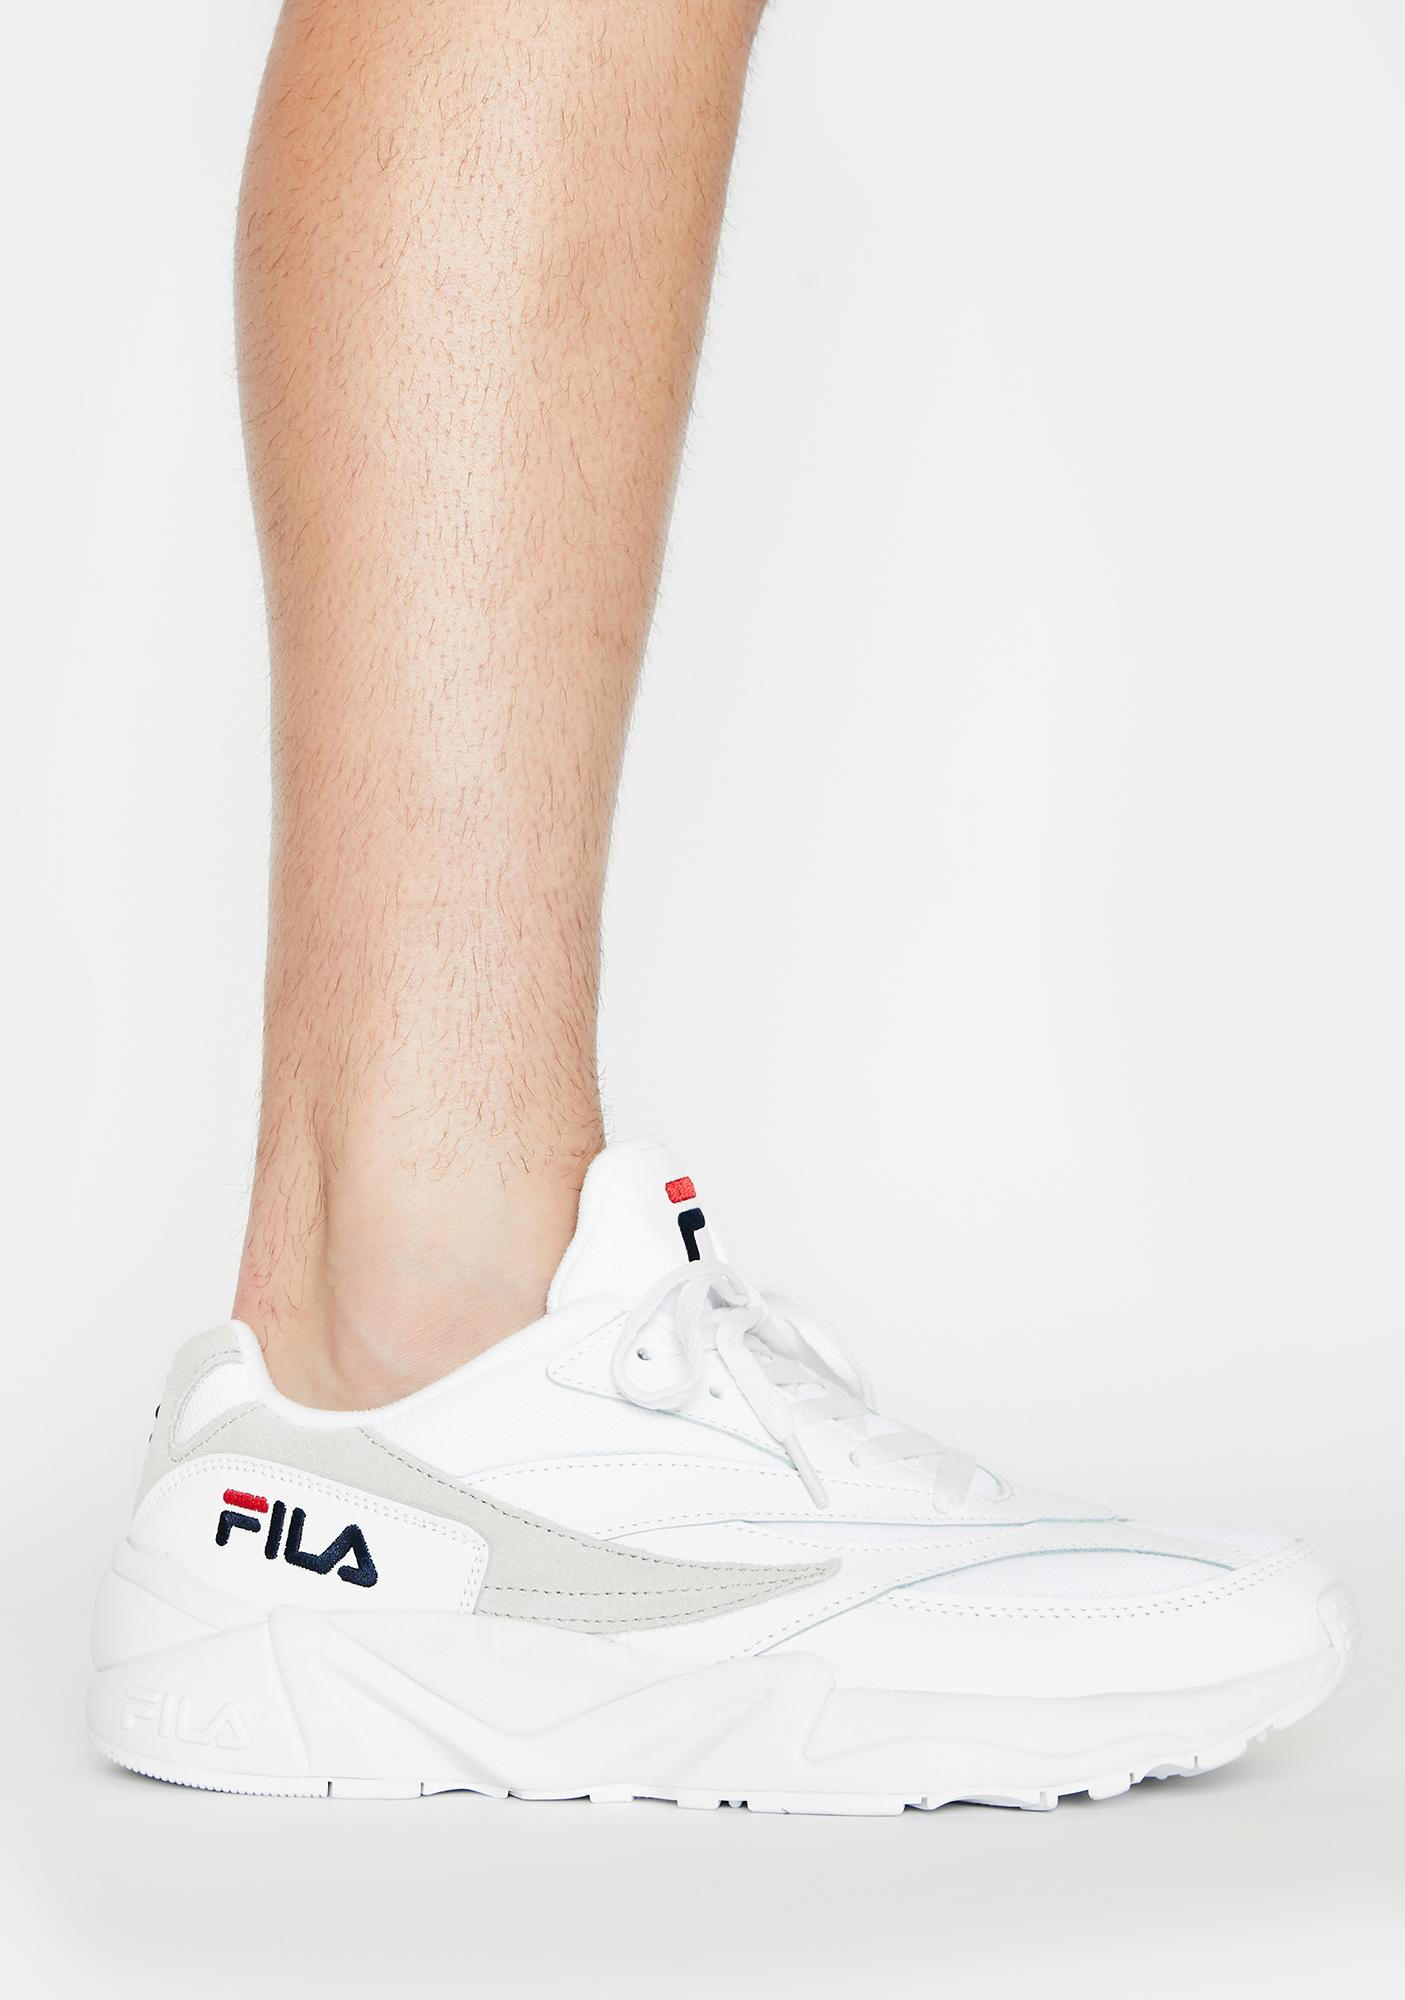 Fila Unisex White V94M Sneakers